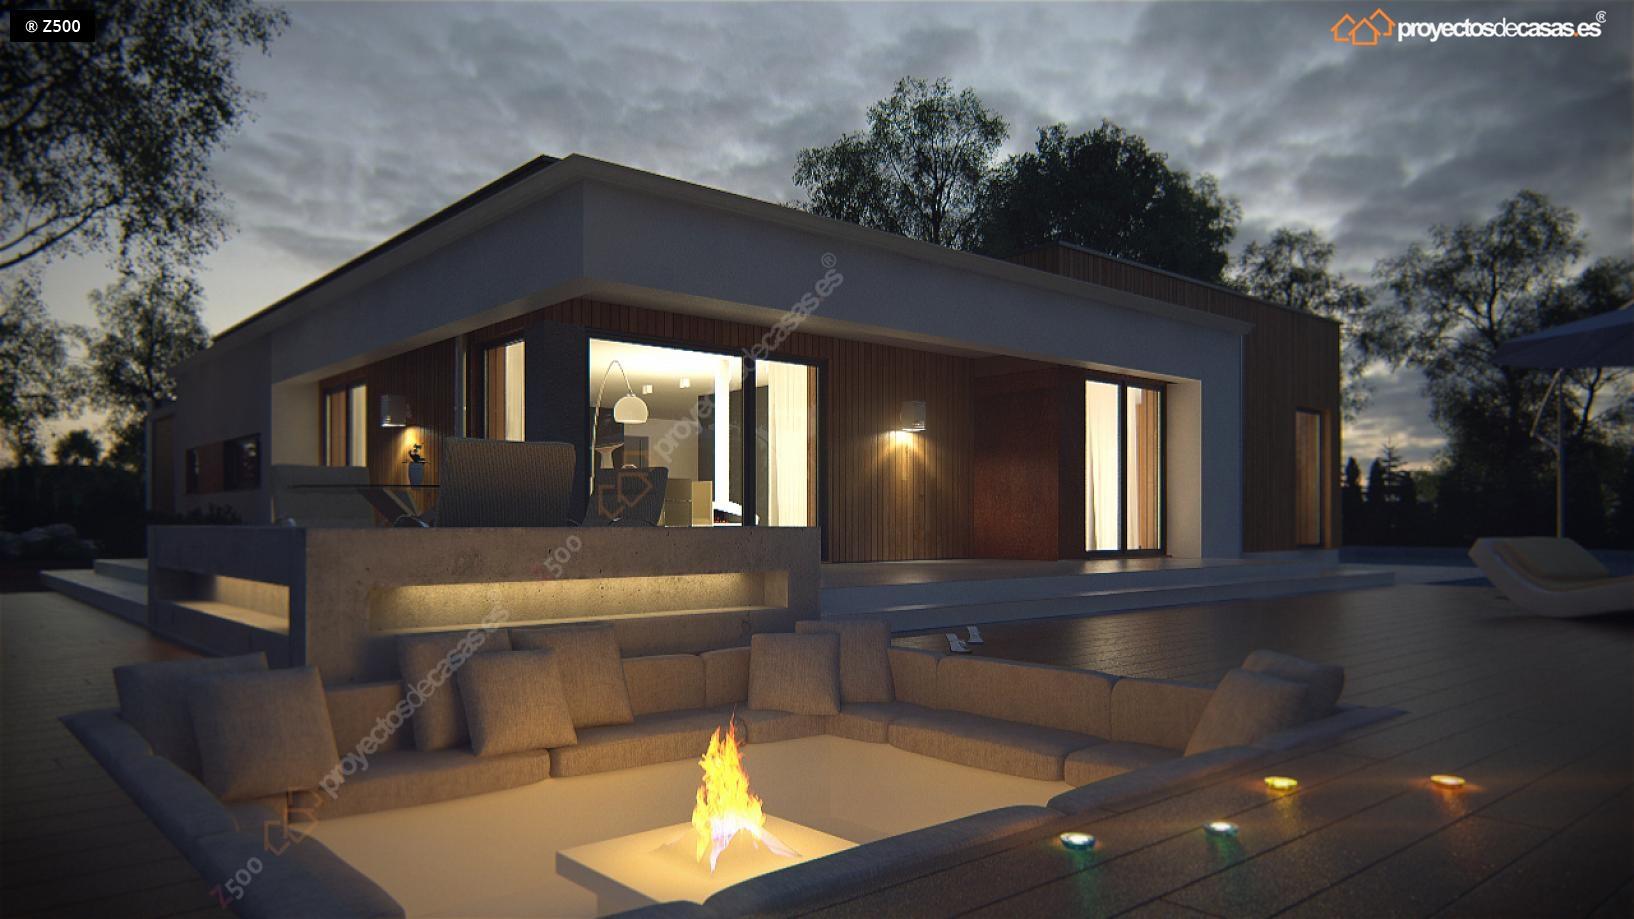 proyectos de casas casa moderna de planta con piscina diseamos y construimos casas en toda espaa